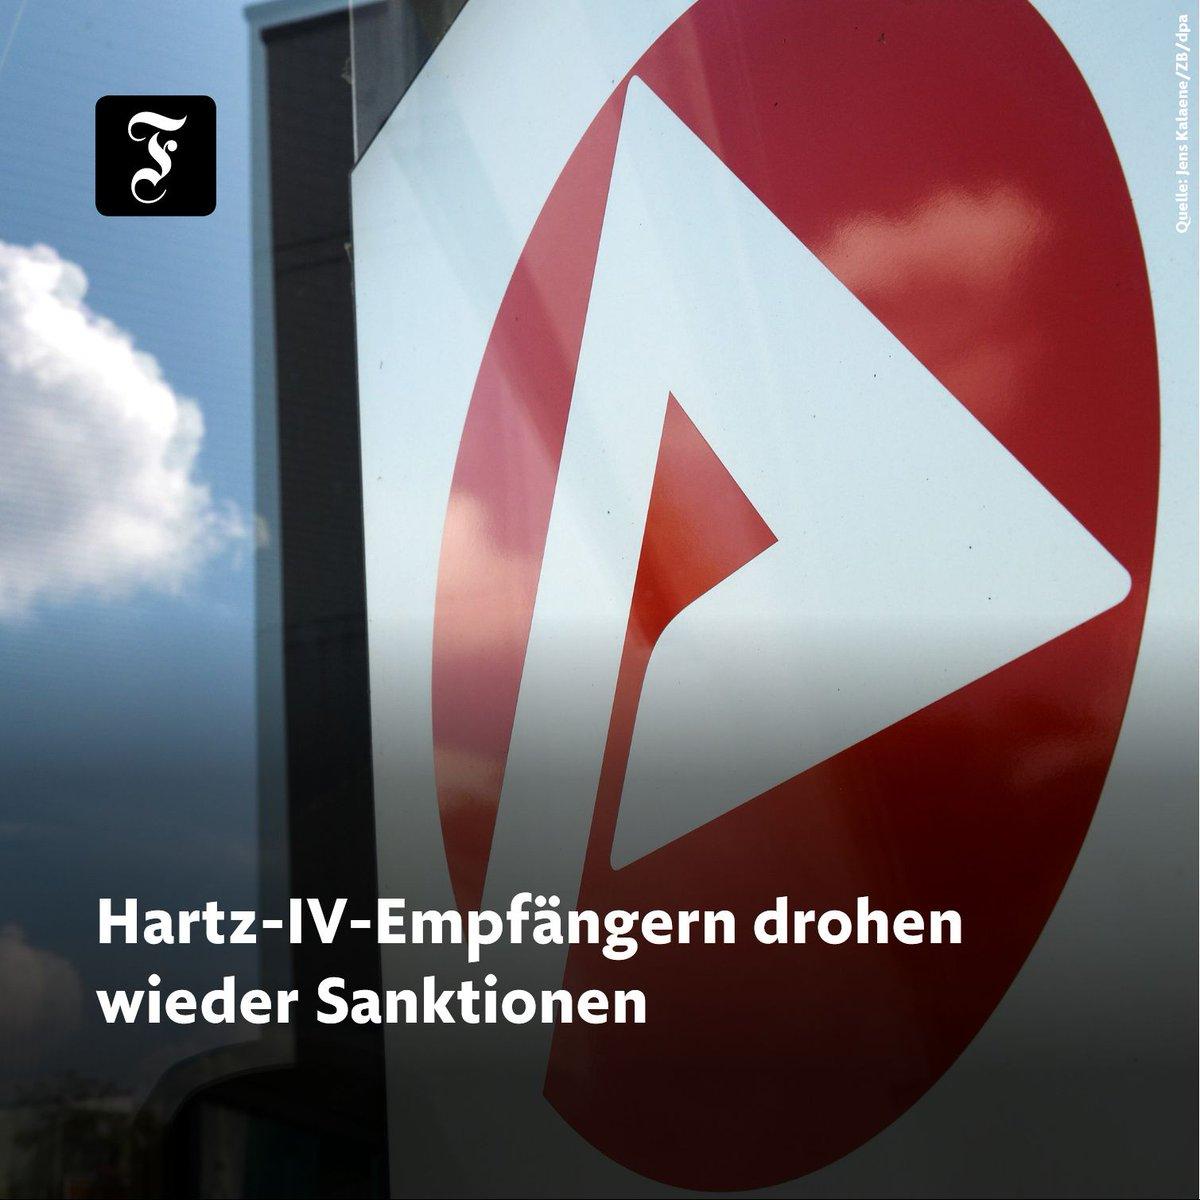 Die Sanktionen waren wegen der #CoronaKrise ausgesetzt worden. Nun sind die Jobcenter wieder für den Publikumsverkehr geöffnet. buff.ly/2VHnoGb